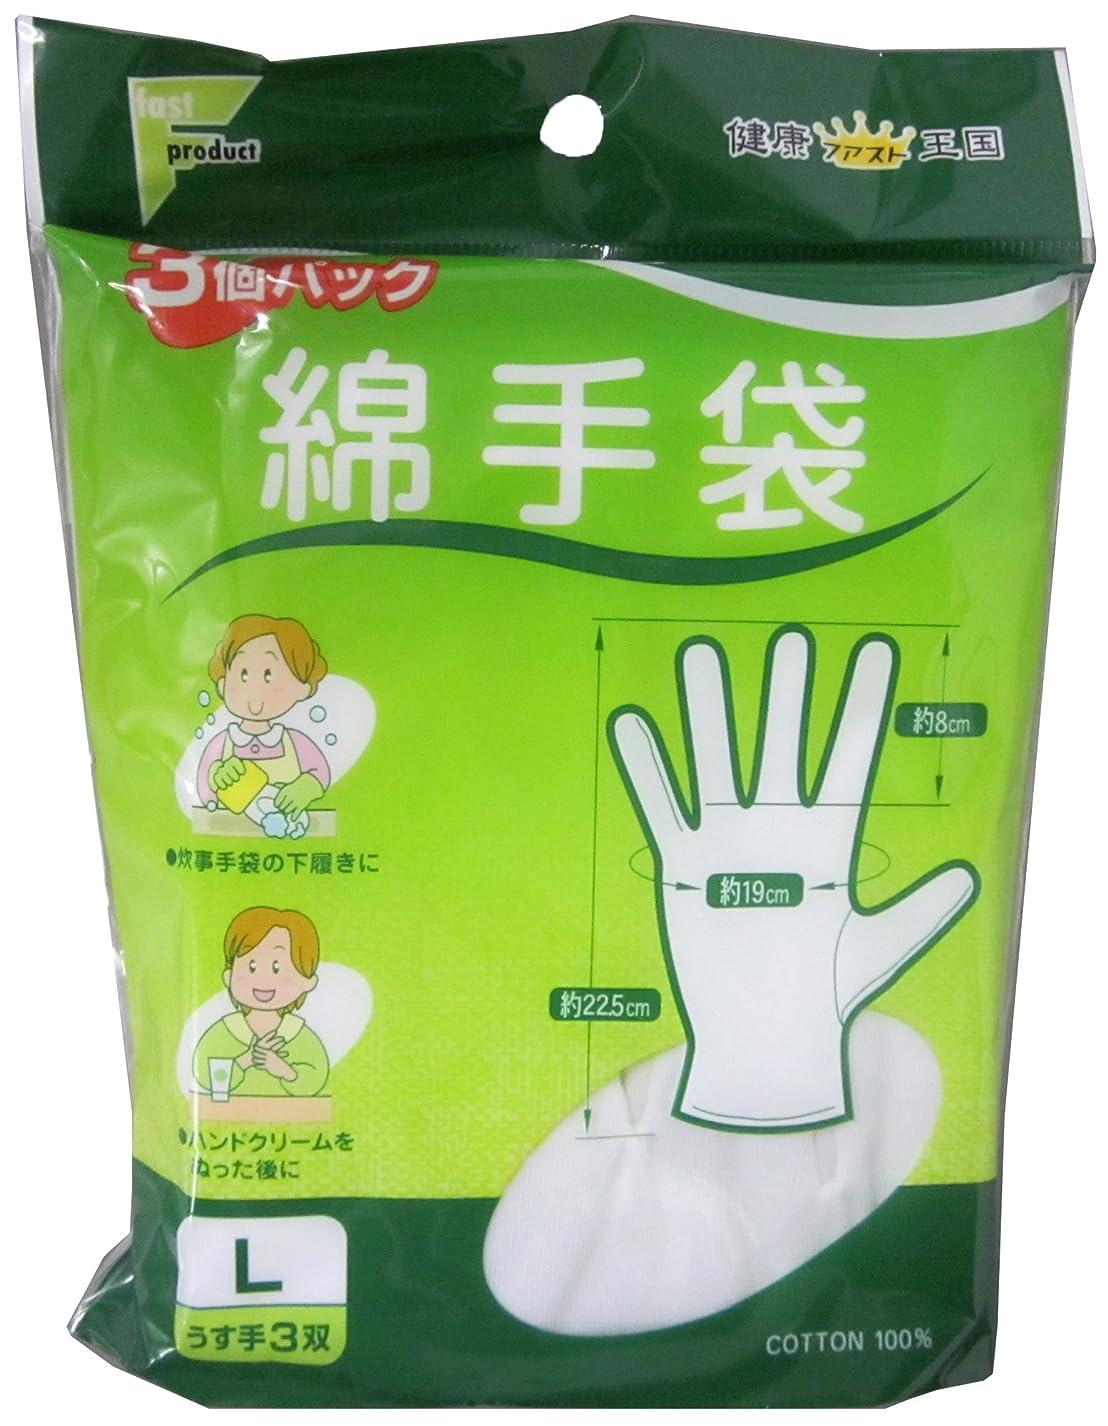 ヤギバランスクッションフアスト 綿手袋 L うす手 3双